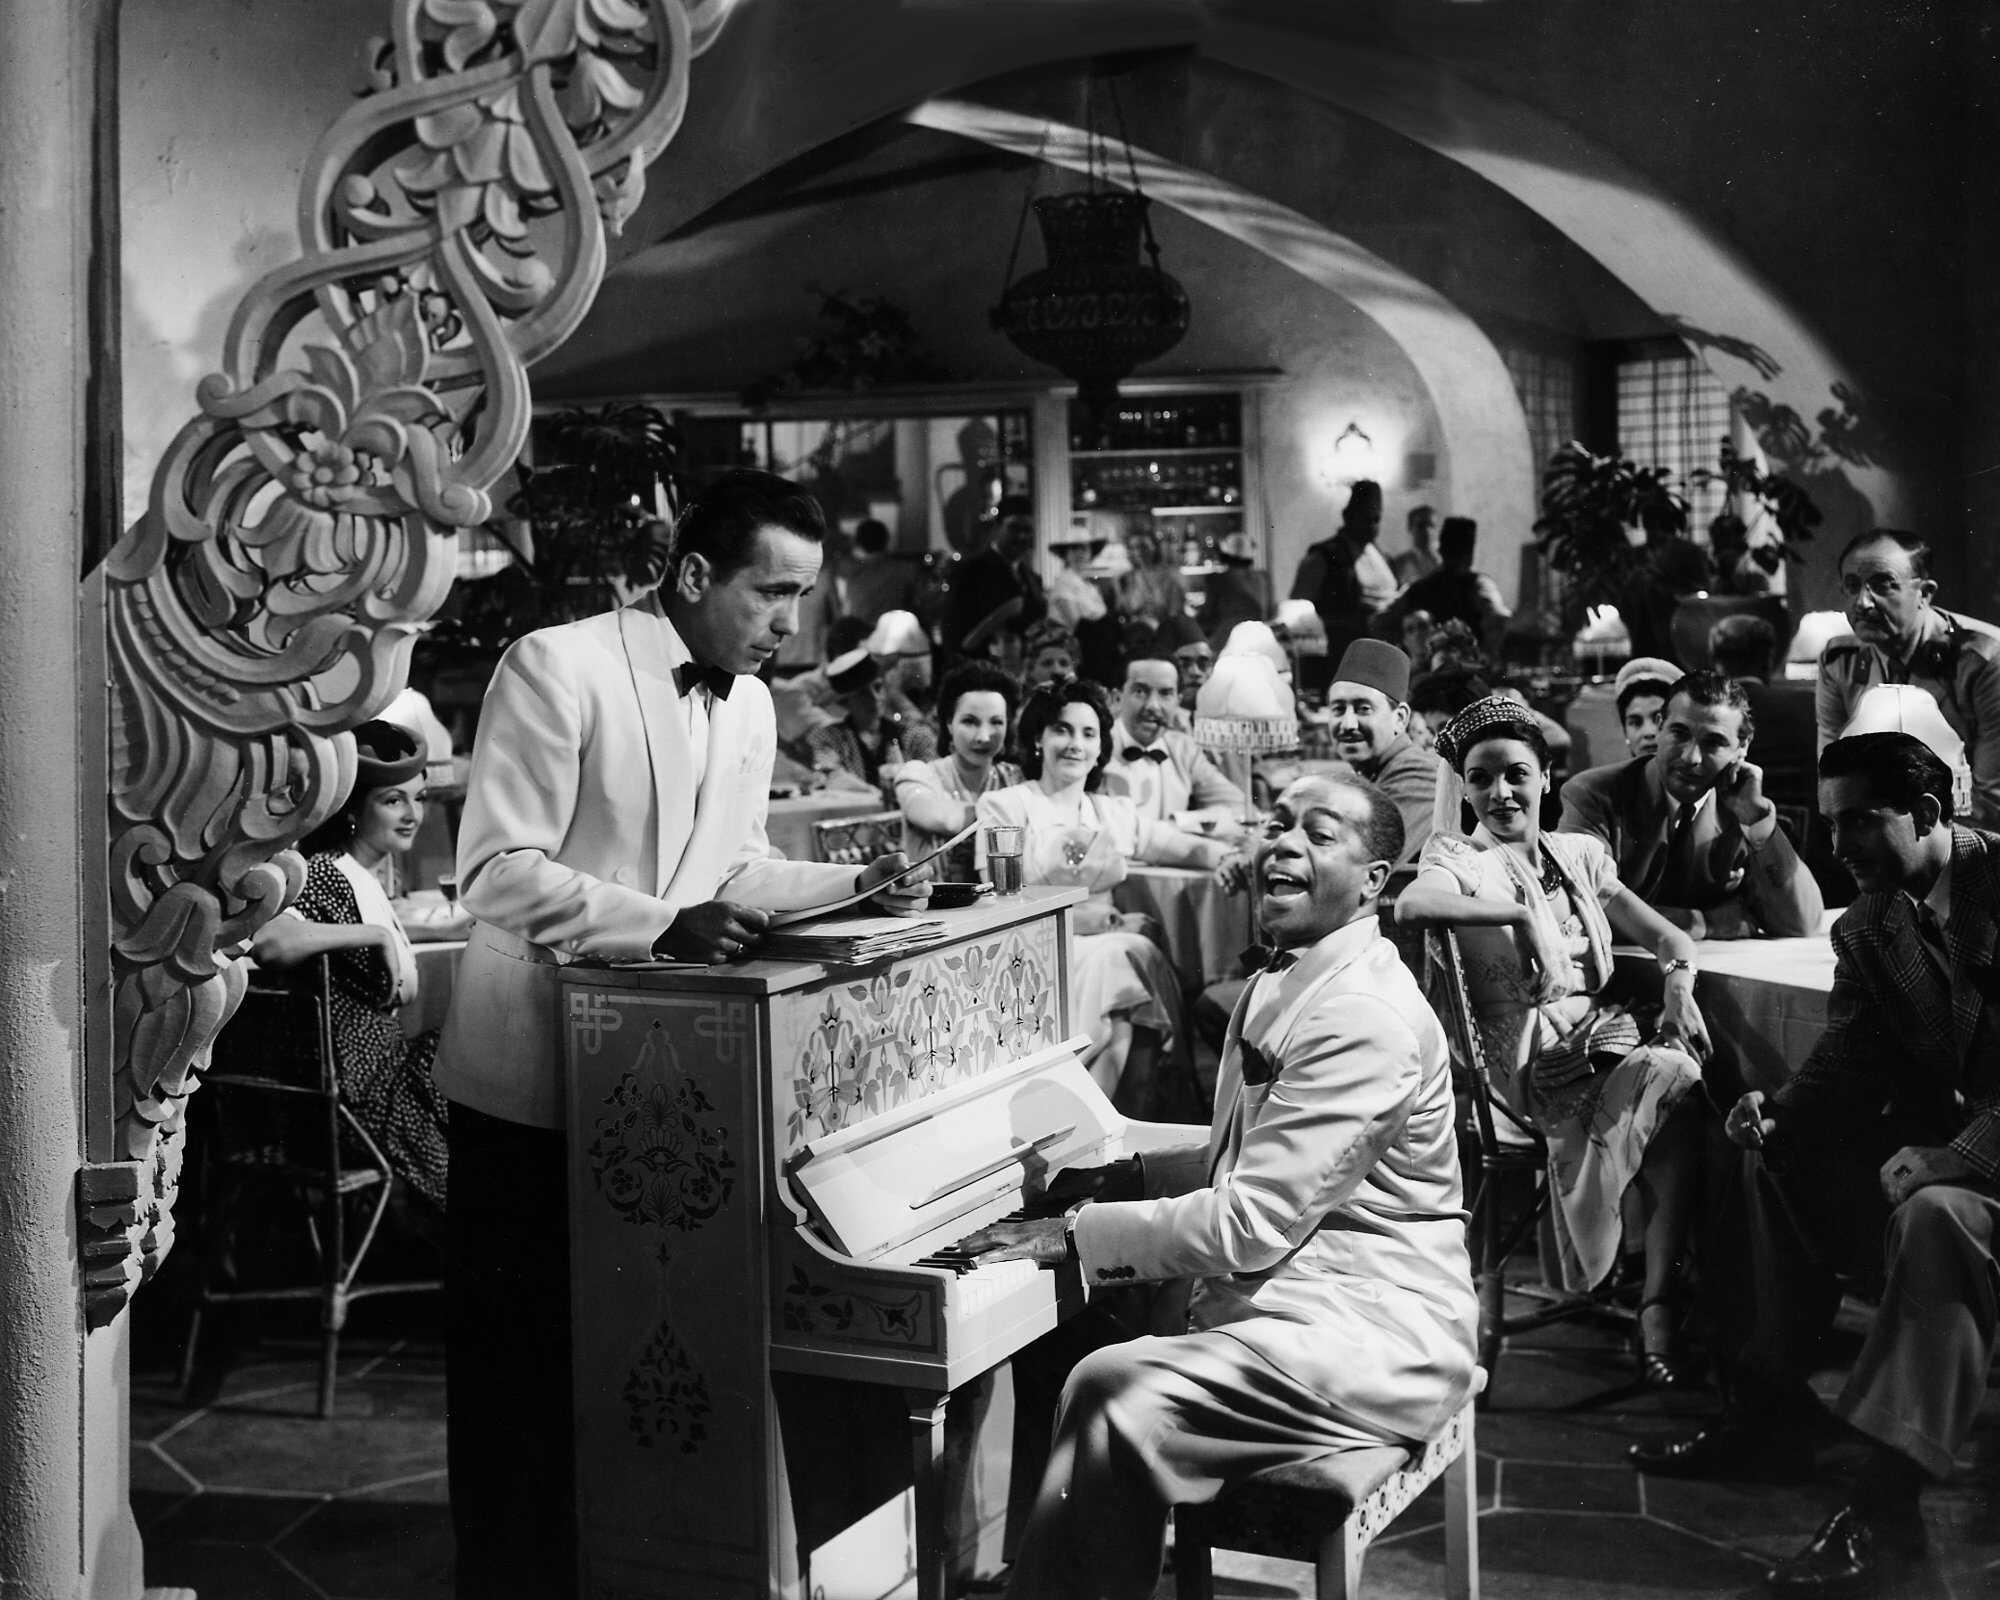 Casablanca-scene-1-GettyImages-78011596_master-copy-3.jpg